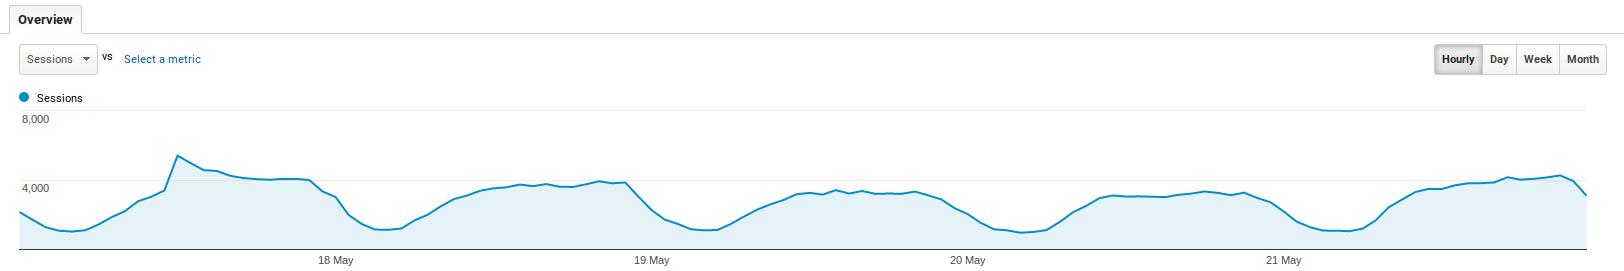 Hourly Data in Google Analytics